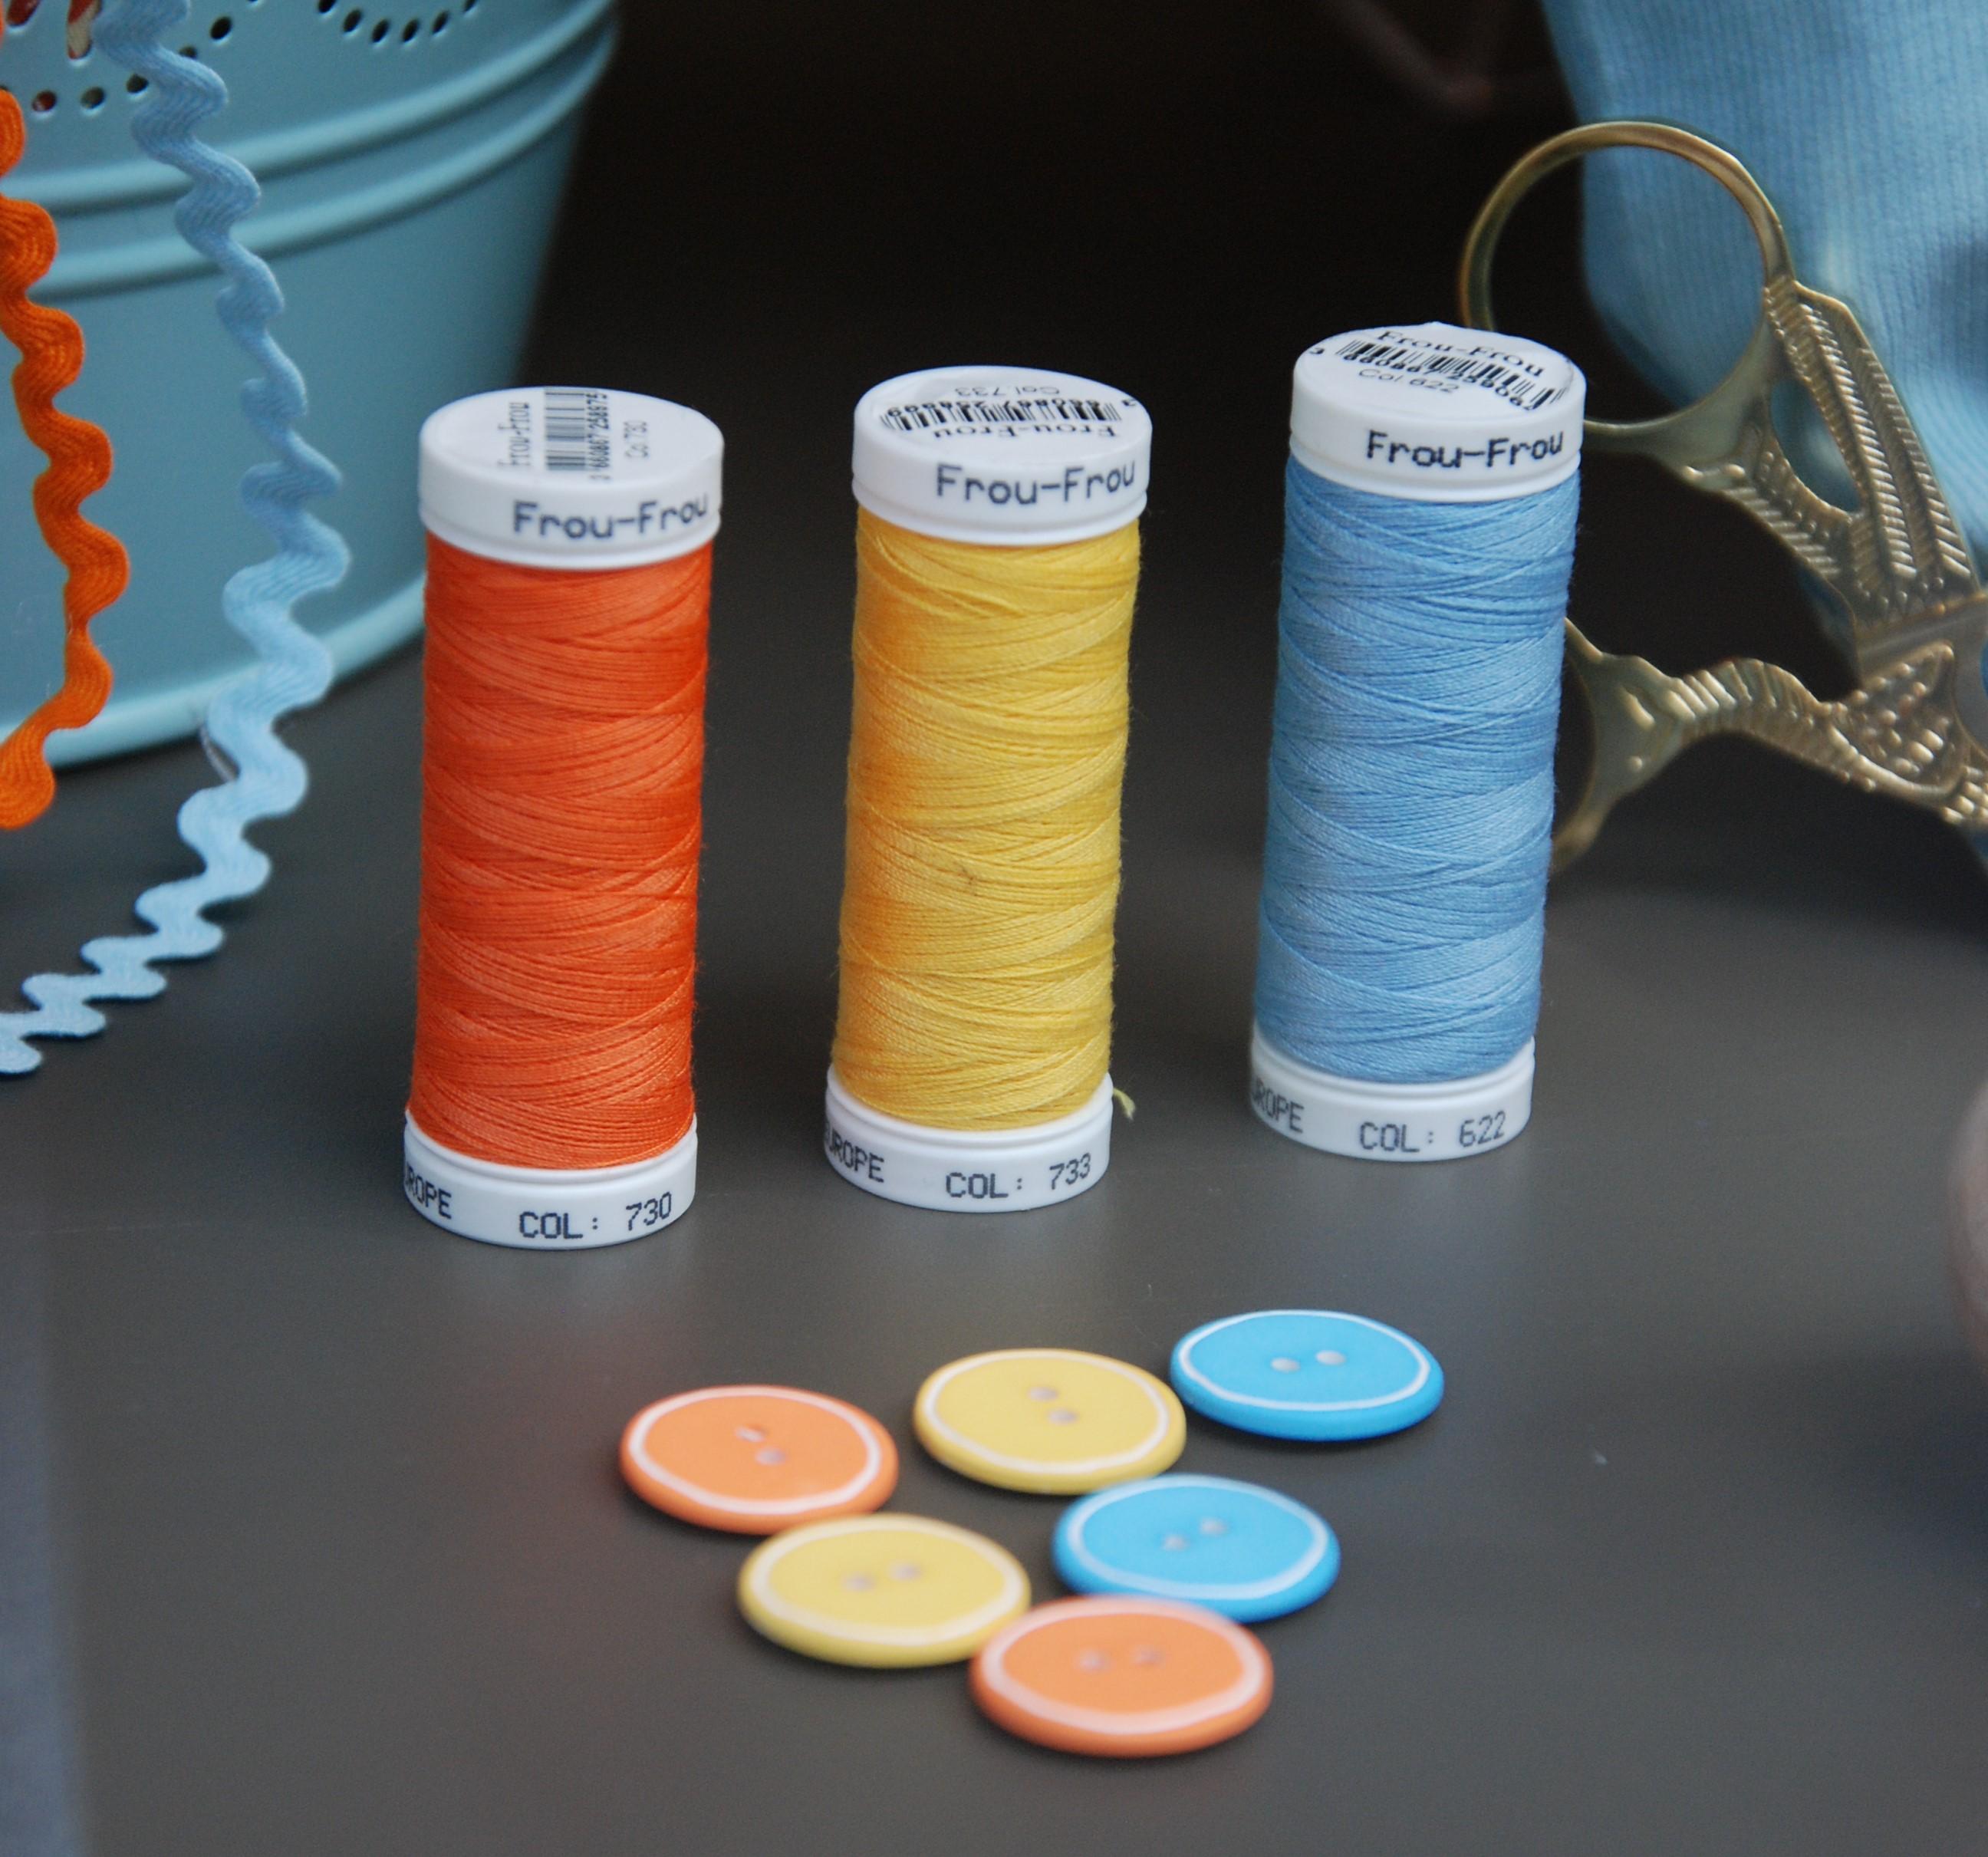 des nouveaut s couture en vitrine le blog couture frou frou mercerie contemporaine paris. Black Bedroom Furniture Sets. Home Design Ideas